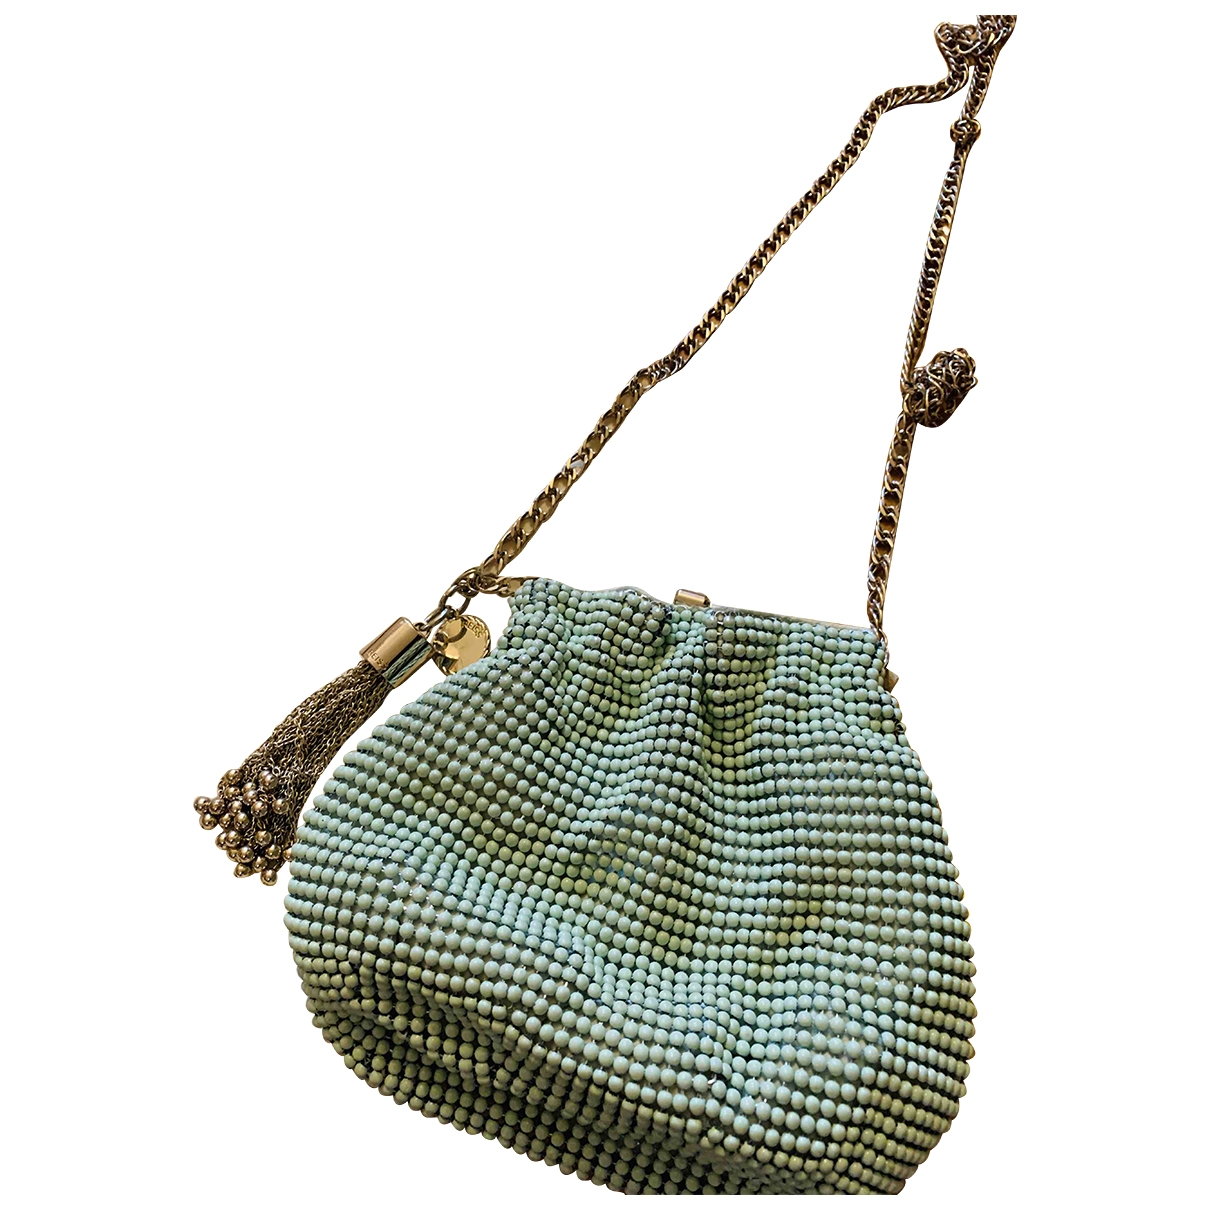 Reiss - Pochette   pour femme en metal - vert